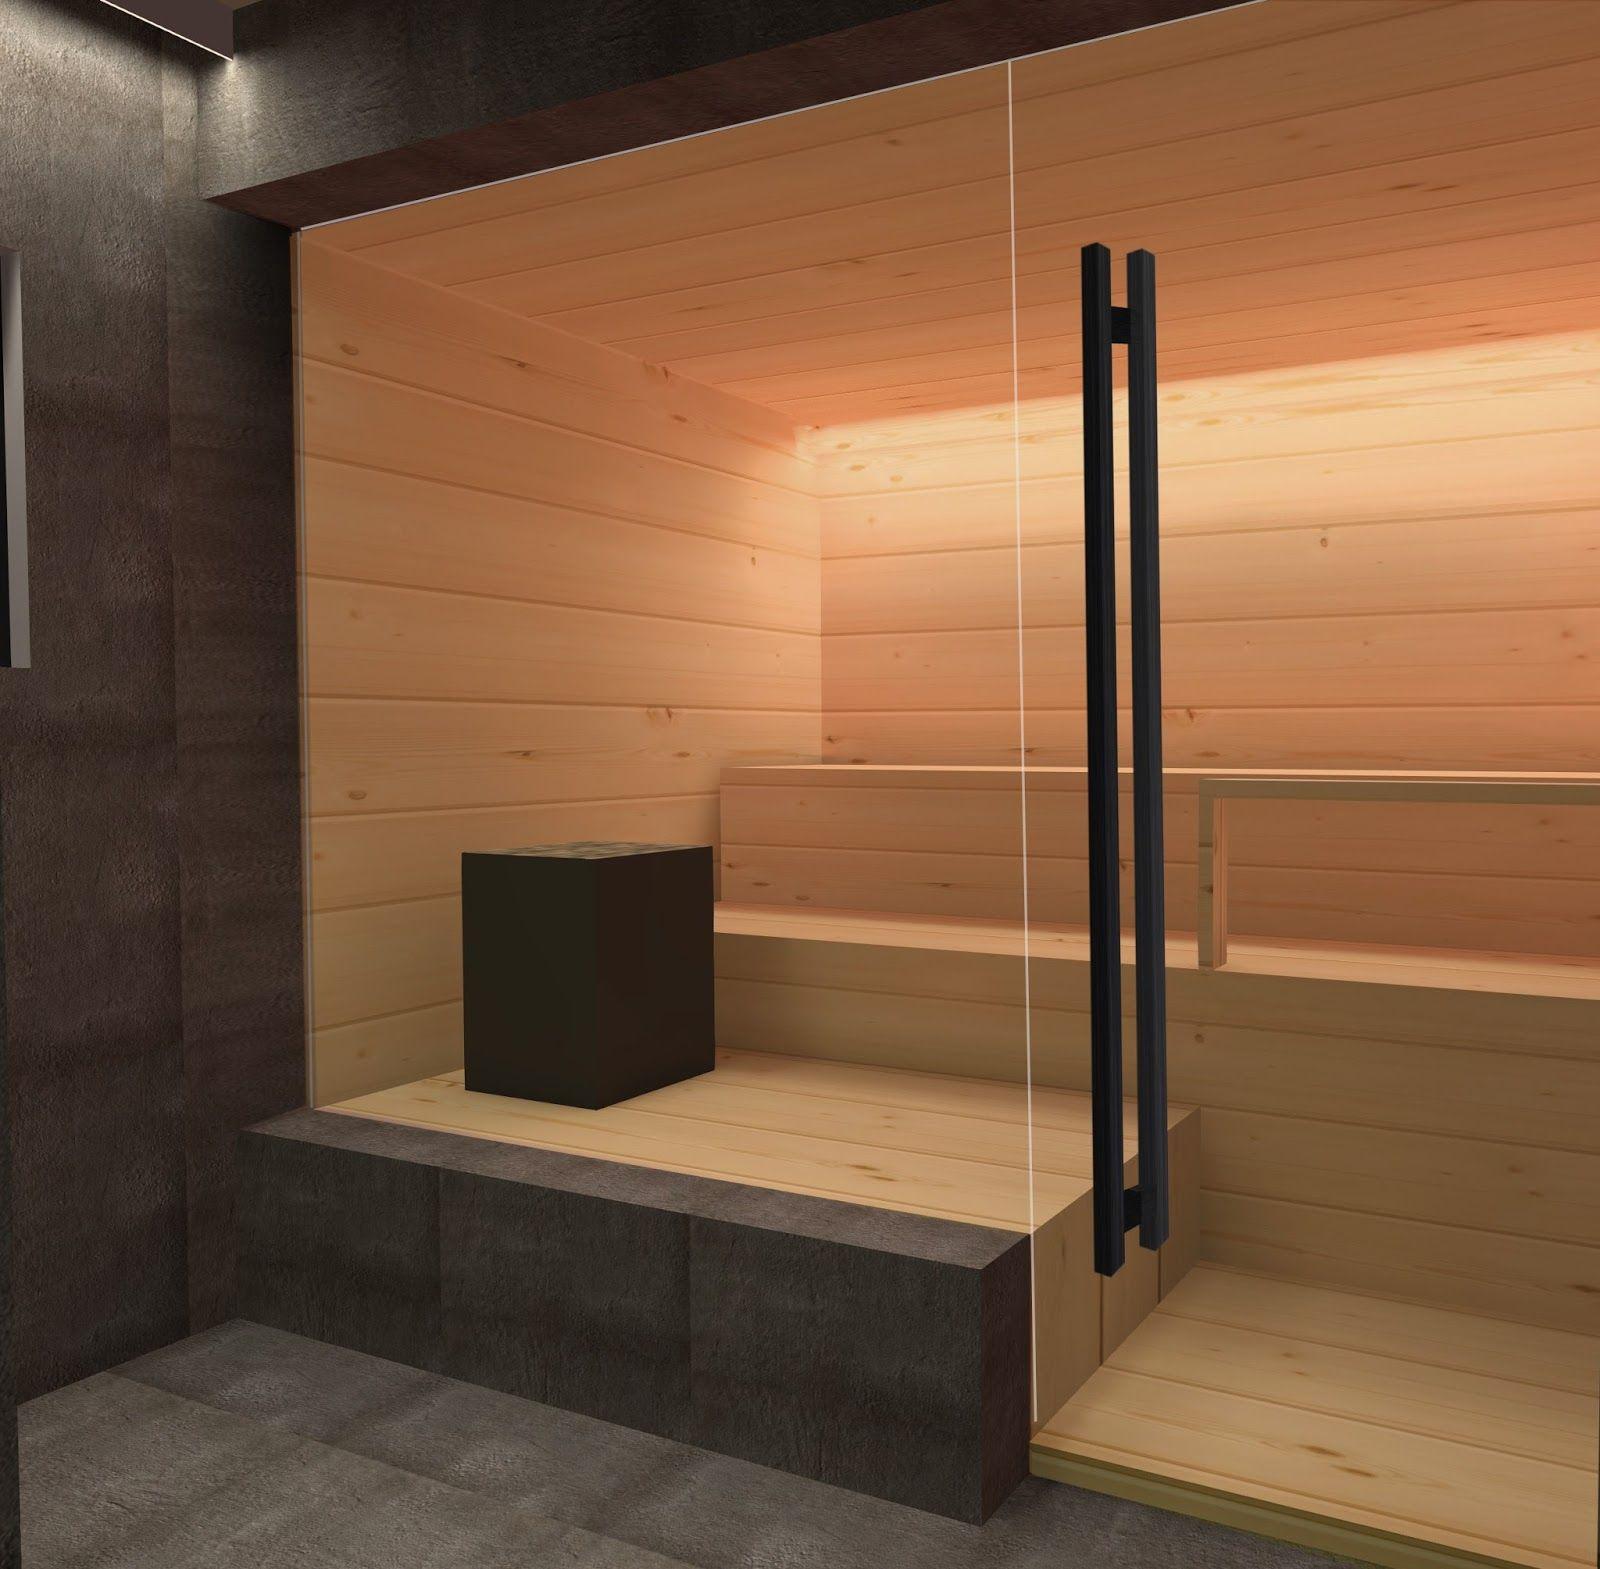 Talo Markki Modernin Hirsitalon Sisustamista Ja Perheen Elamaa Seuraava Blogi Dampfsauna Badezimmer Innenausstattung Badezimmer Mit Sauna